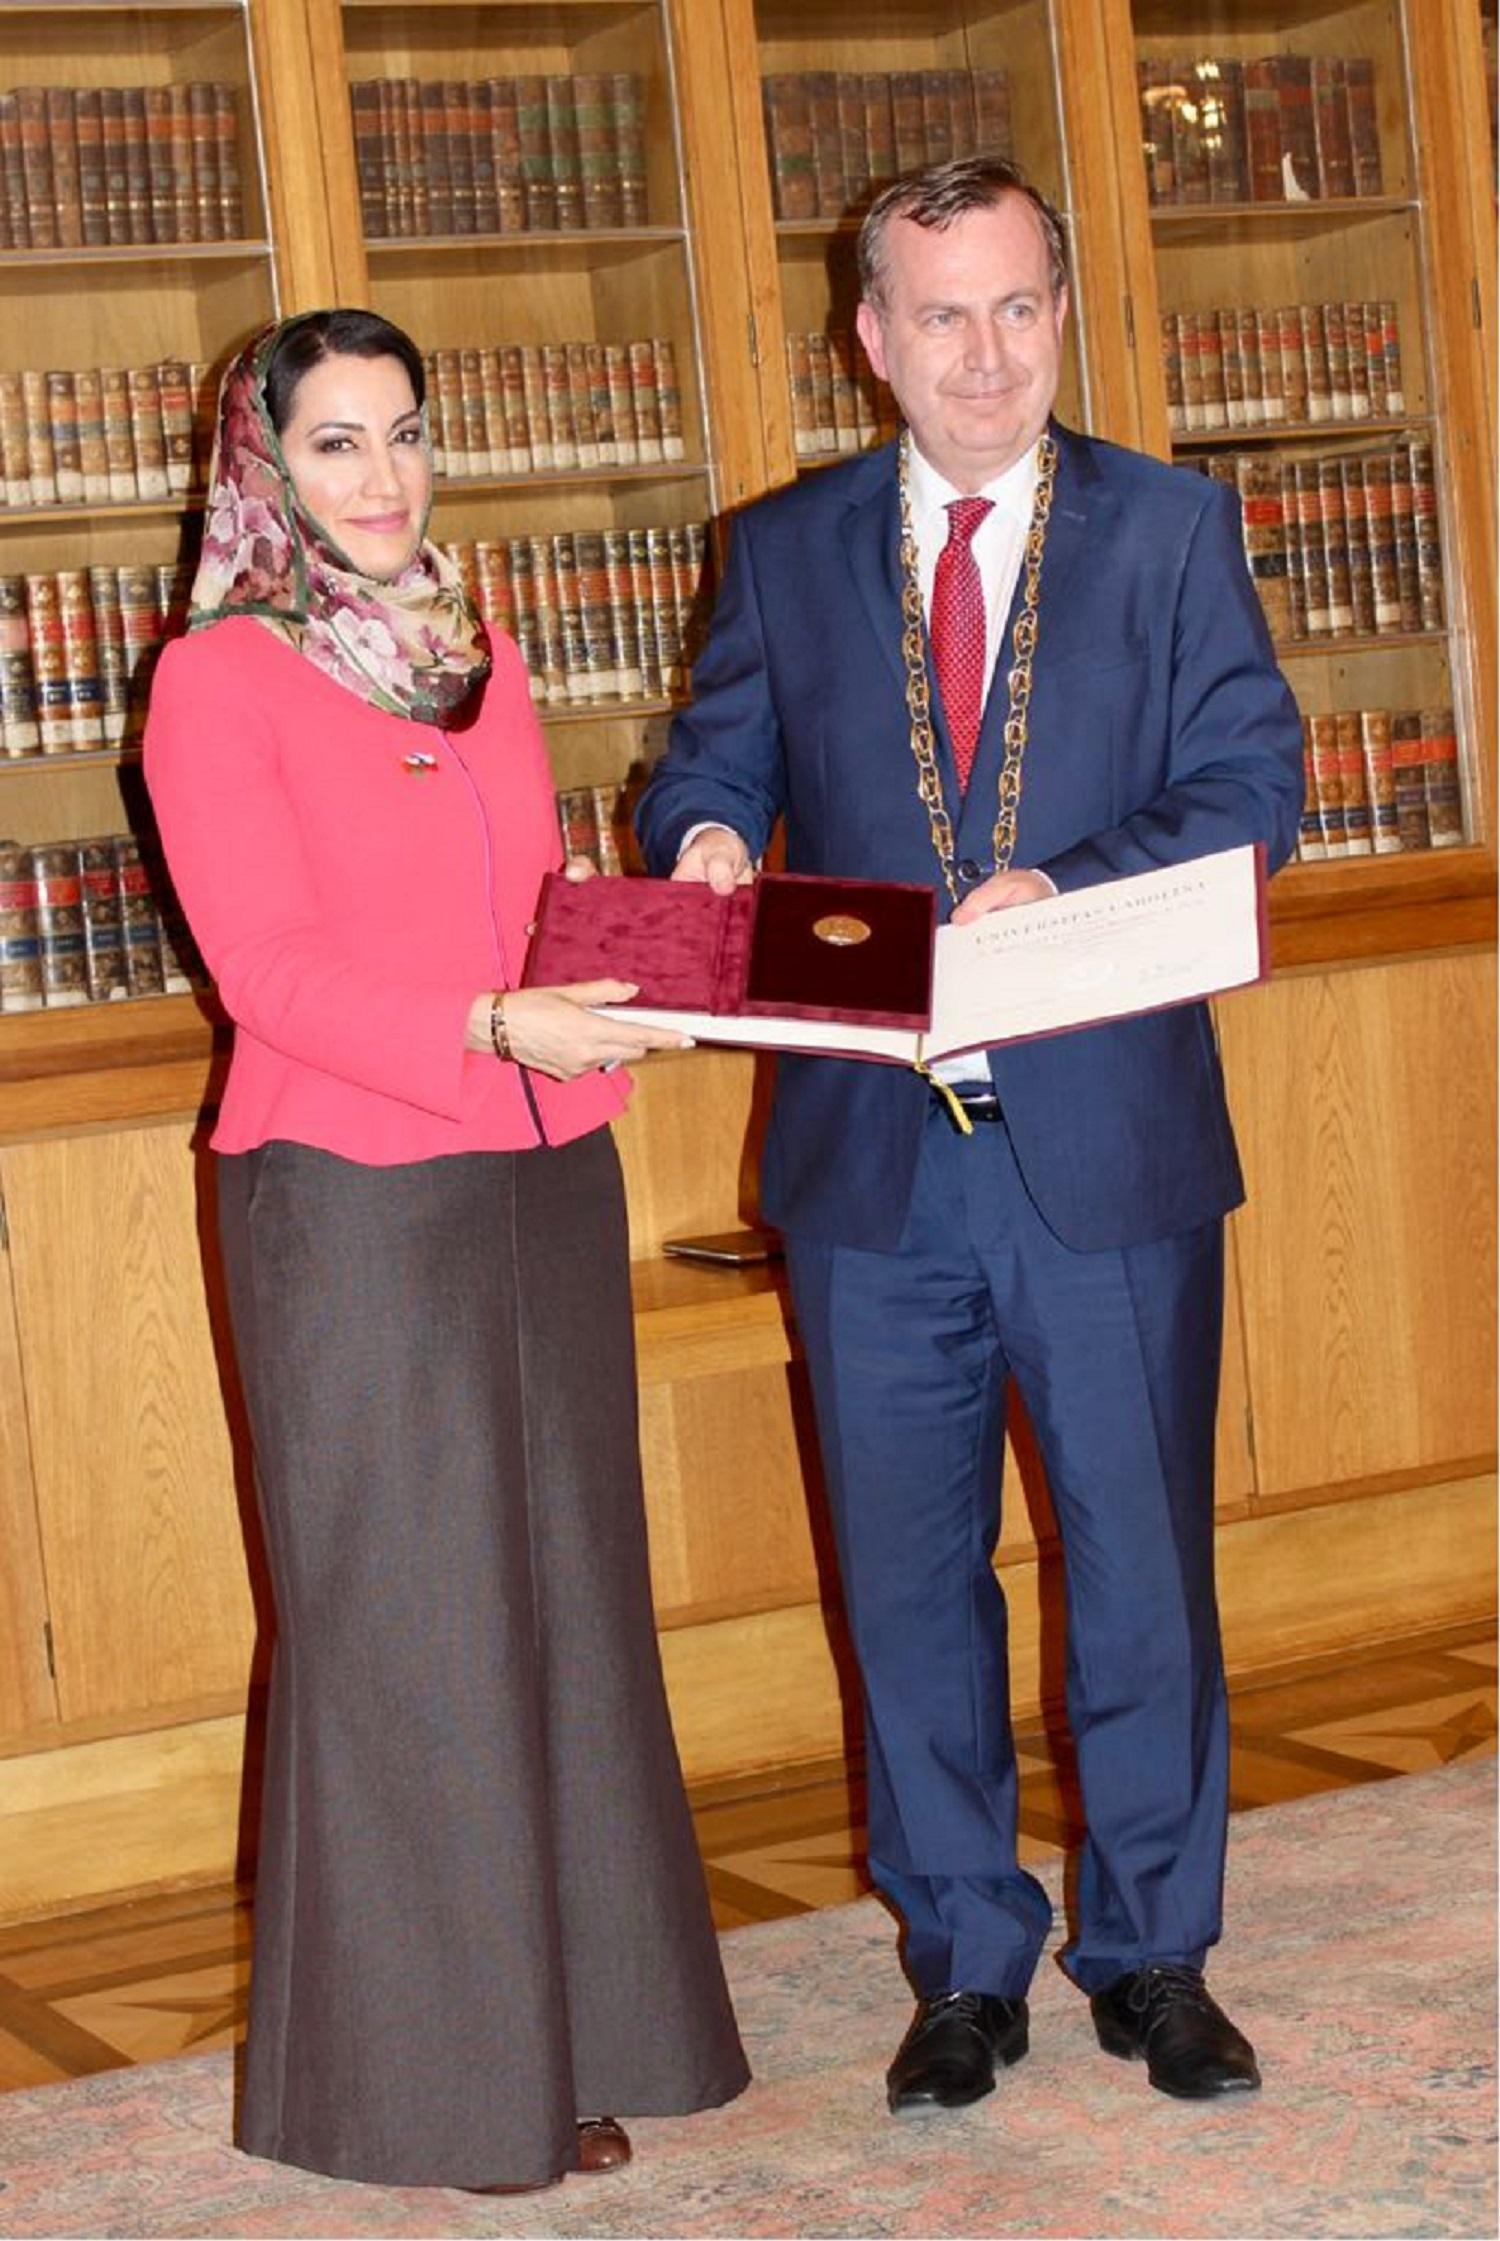 الميدالية الذهبية للدكتورة منى بنت فهد آل سعيد من جامعة تشارلز